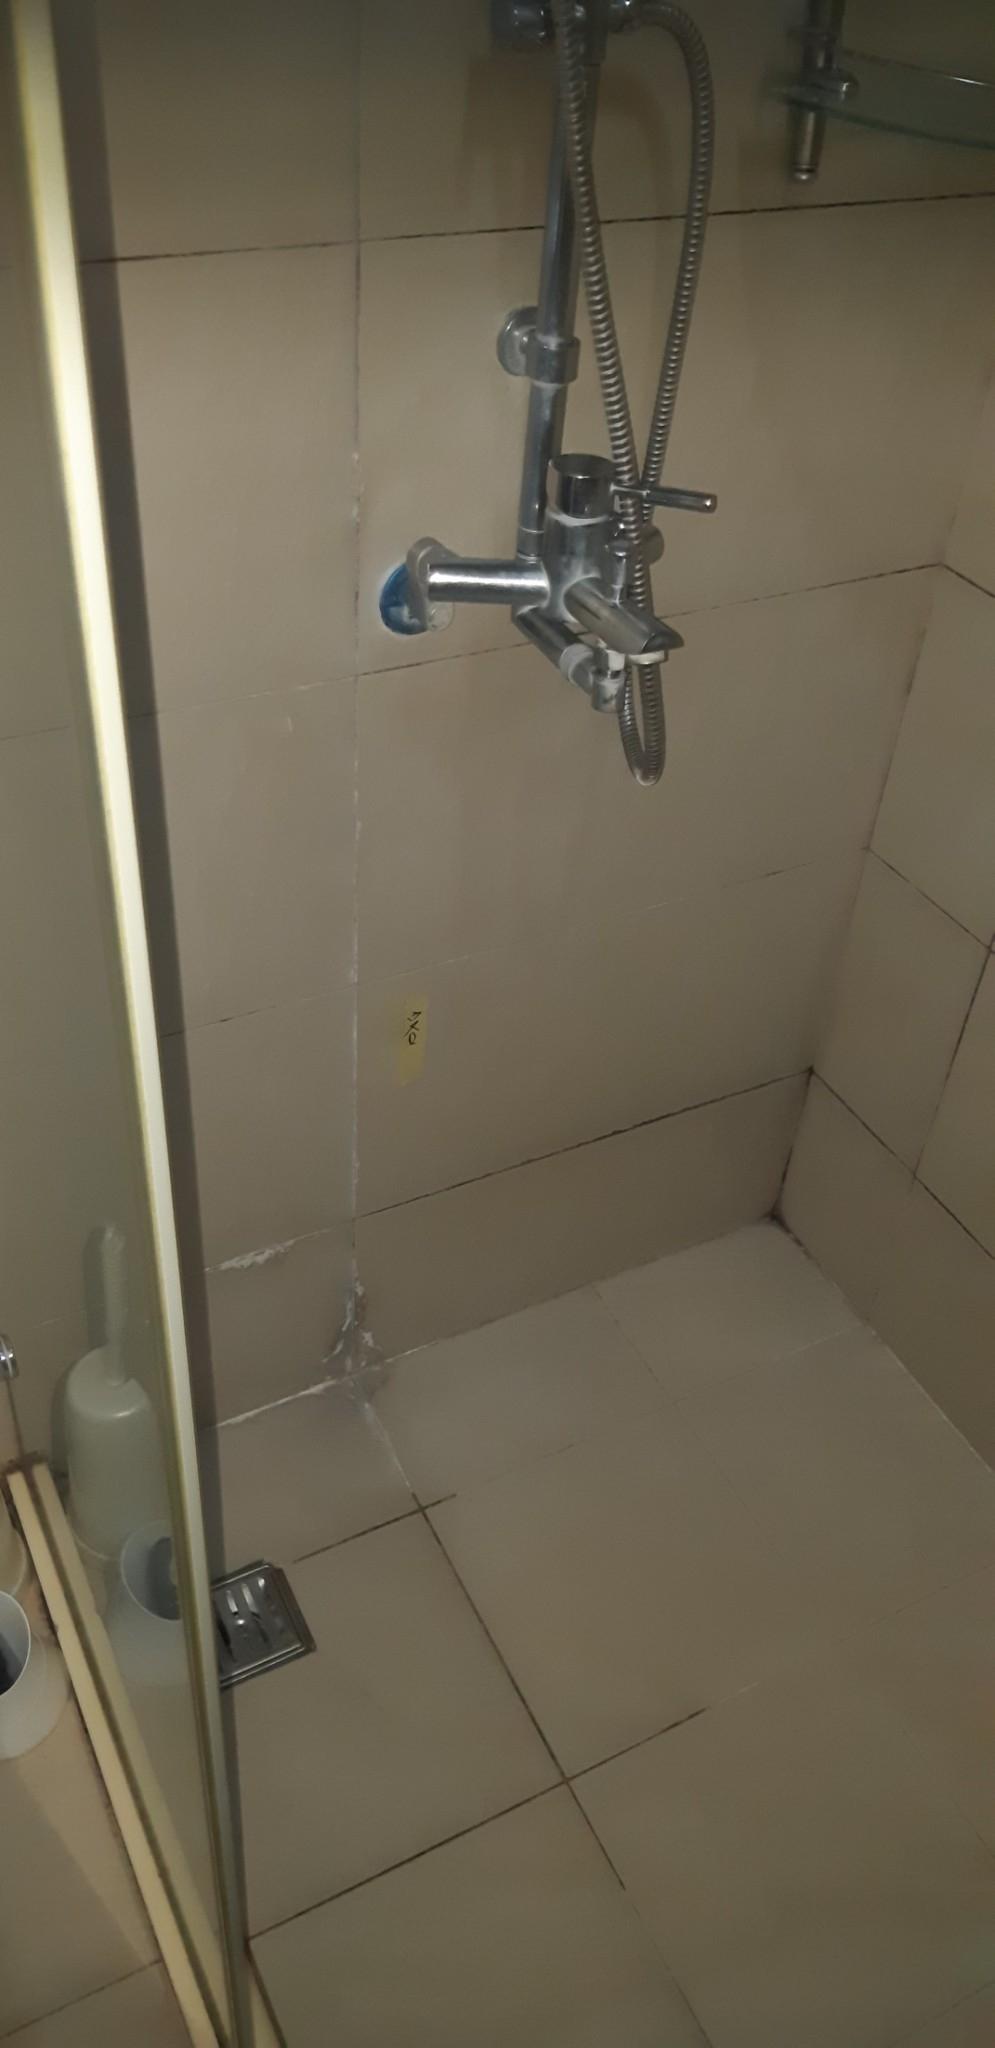 客浴 洩水坡度 乾溼拉門 滲水 排水 檢查